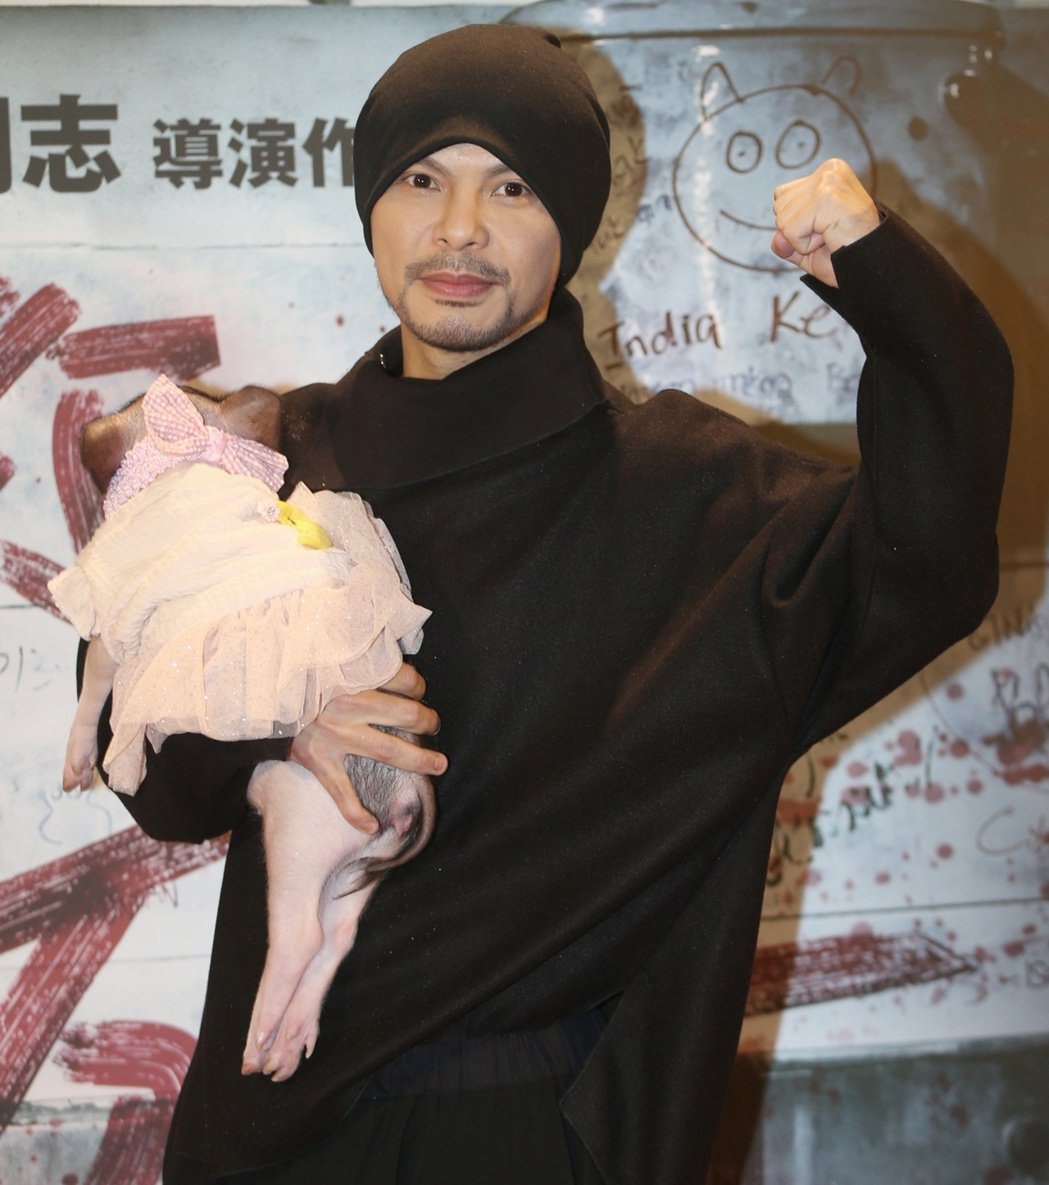 黃明志抱著小豬出席最新執導電影「你是豬」首映會。記者侯永全/攝影